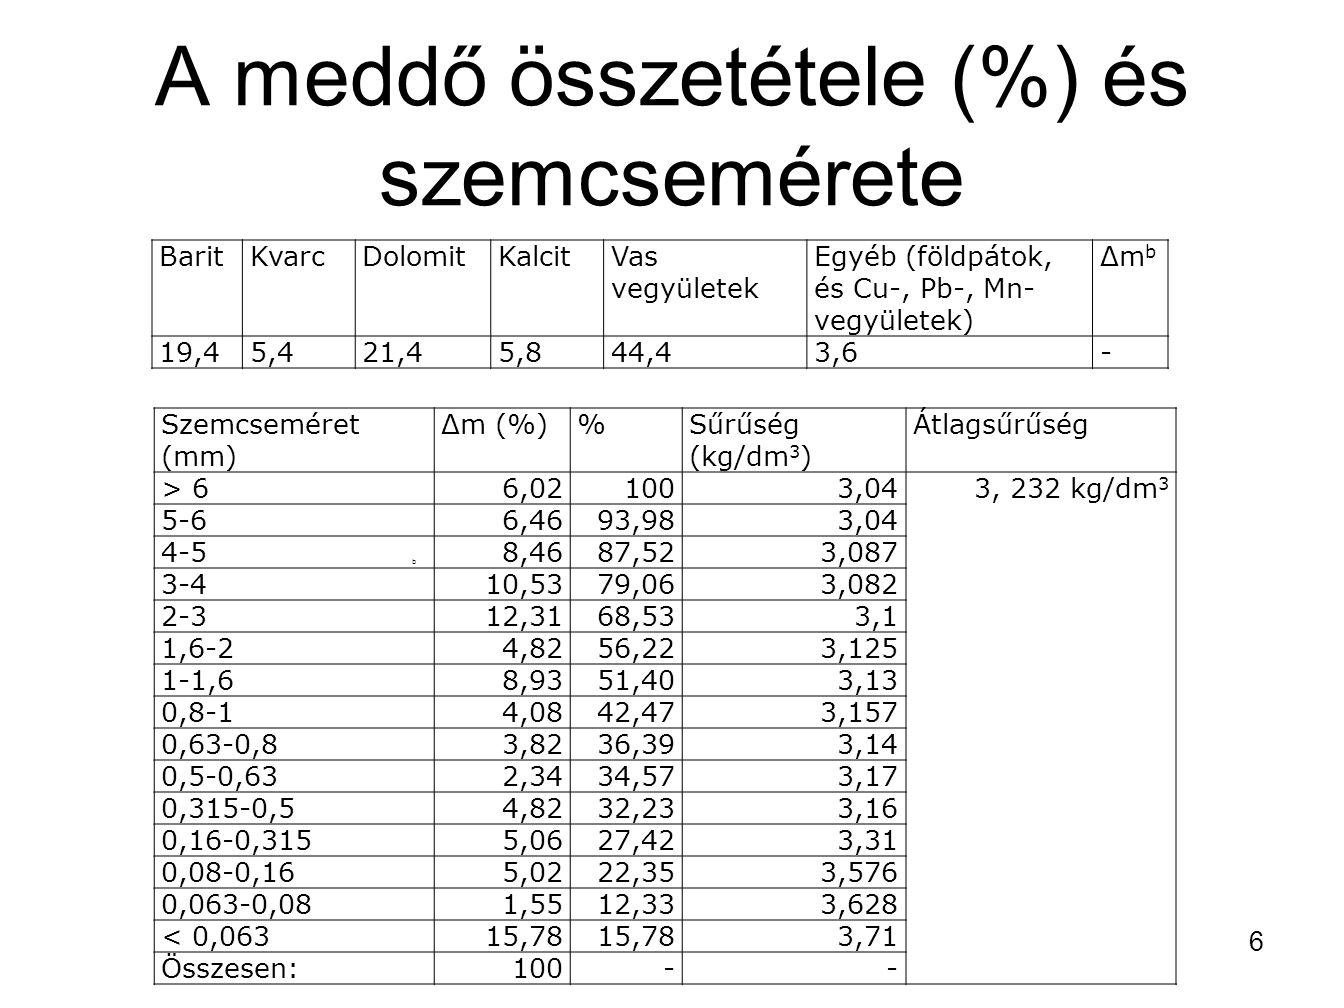 A meddő összetétele (%) és szemcsemérete